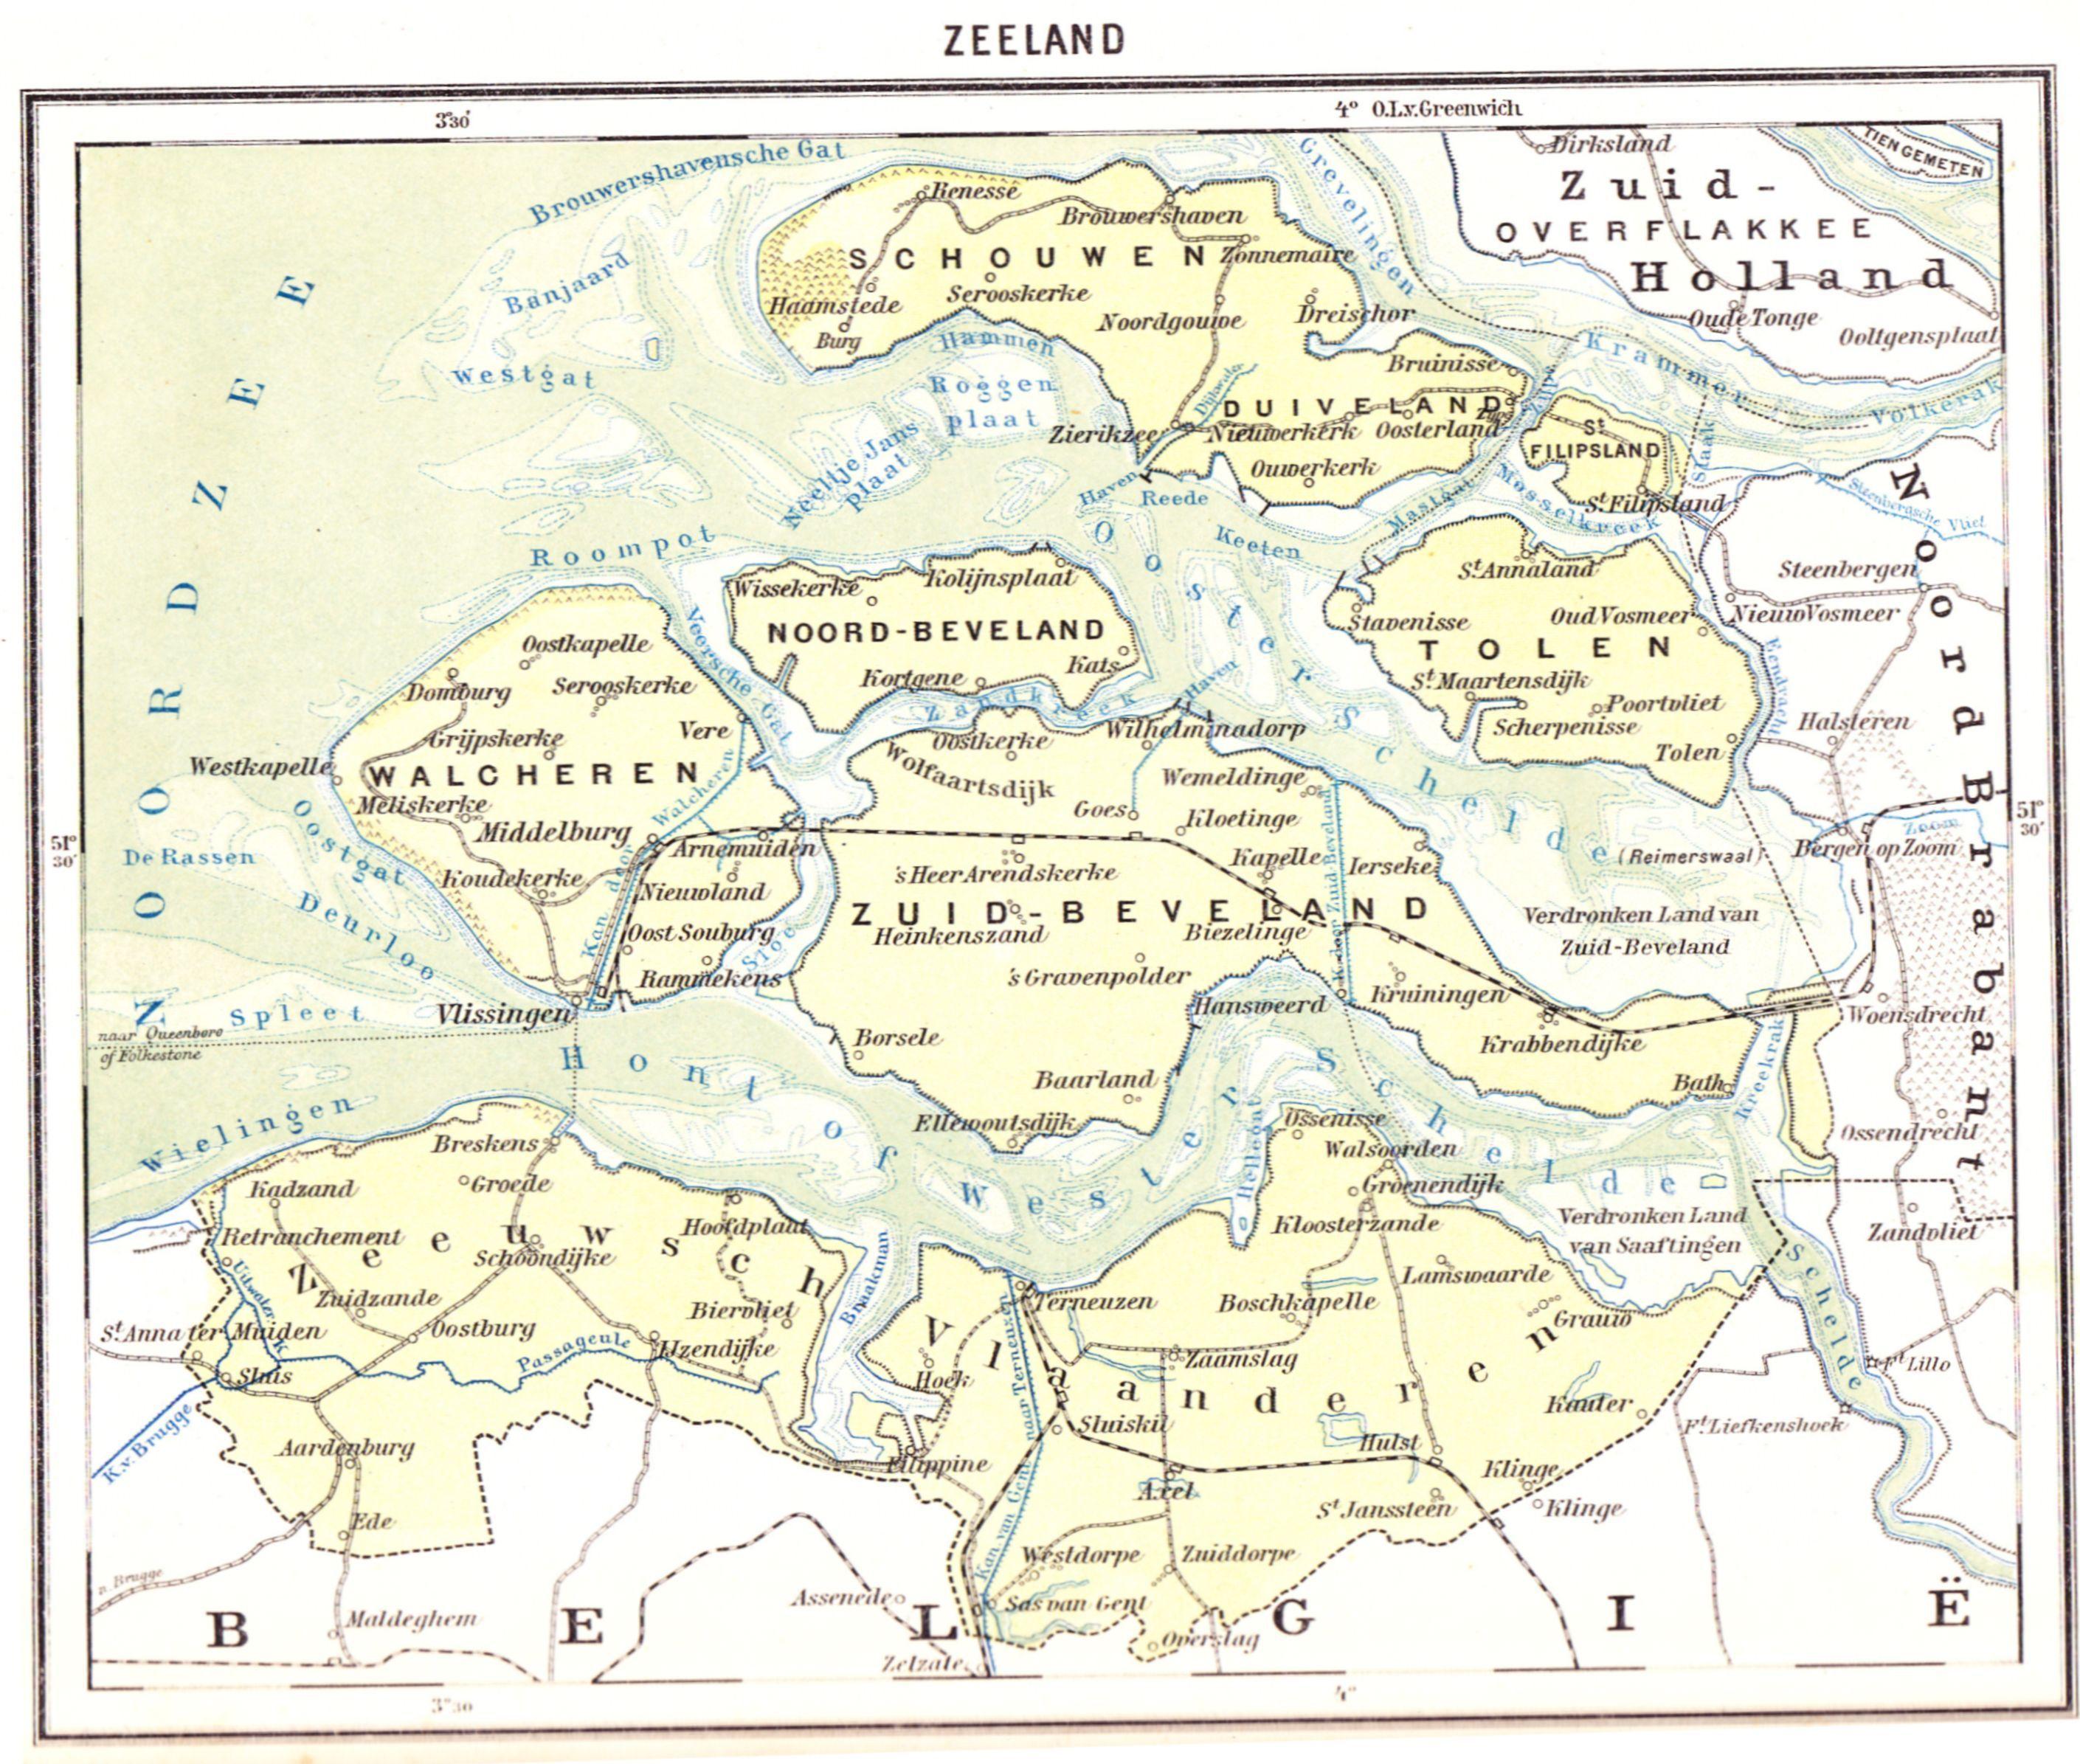 1919 Kleine Bosatlas WoltersGroningen Zeeland in kaarten Zeeland